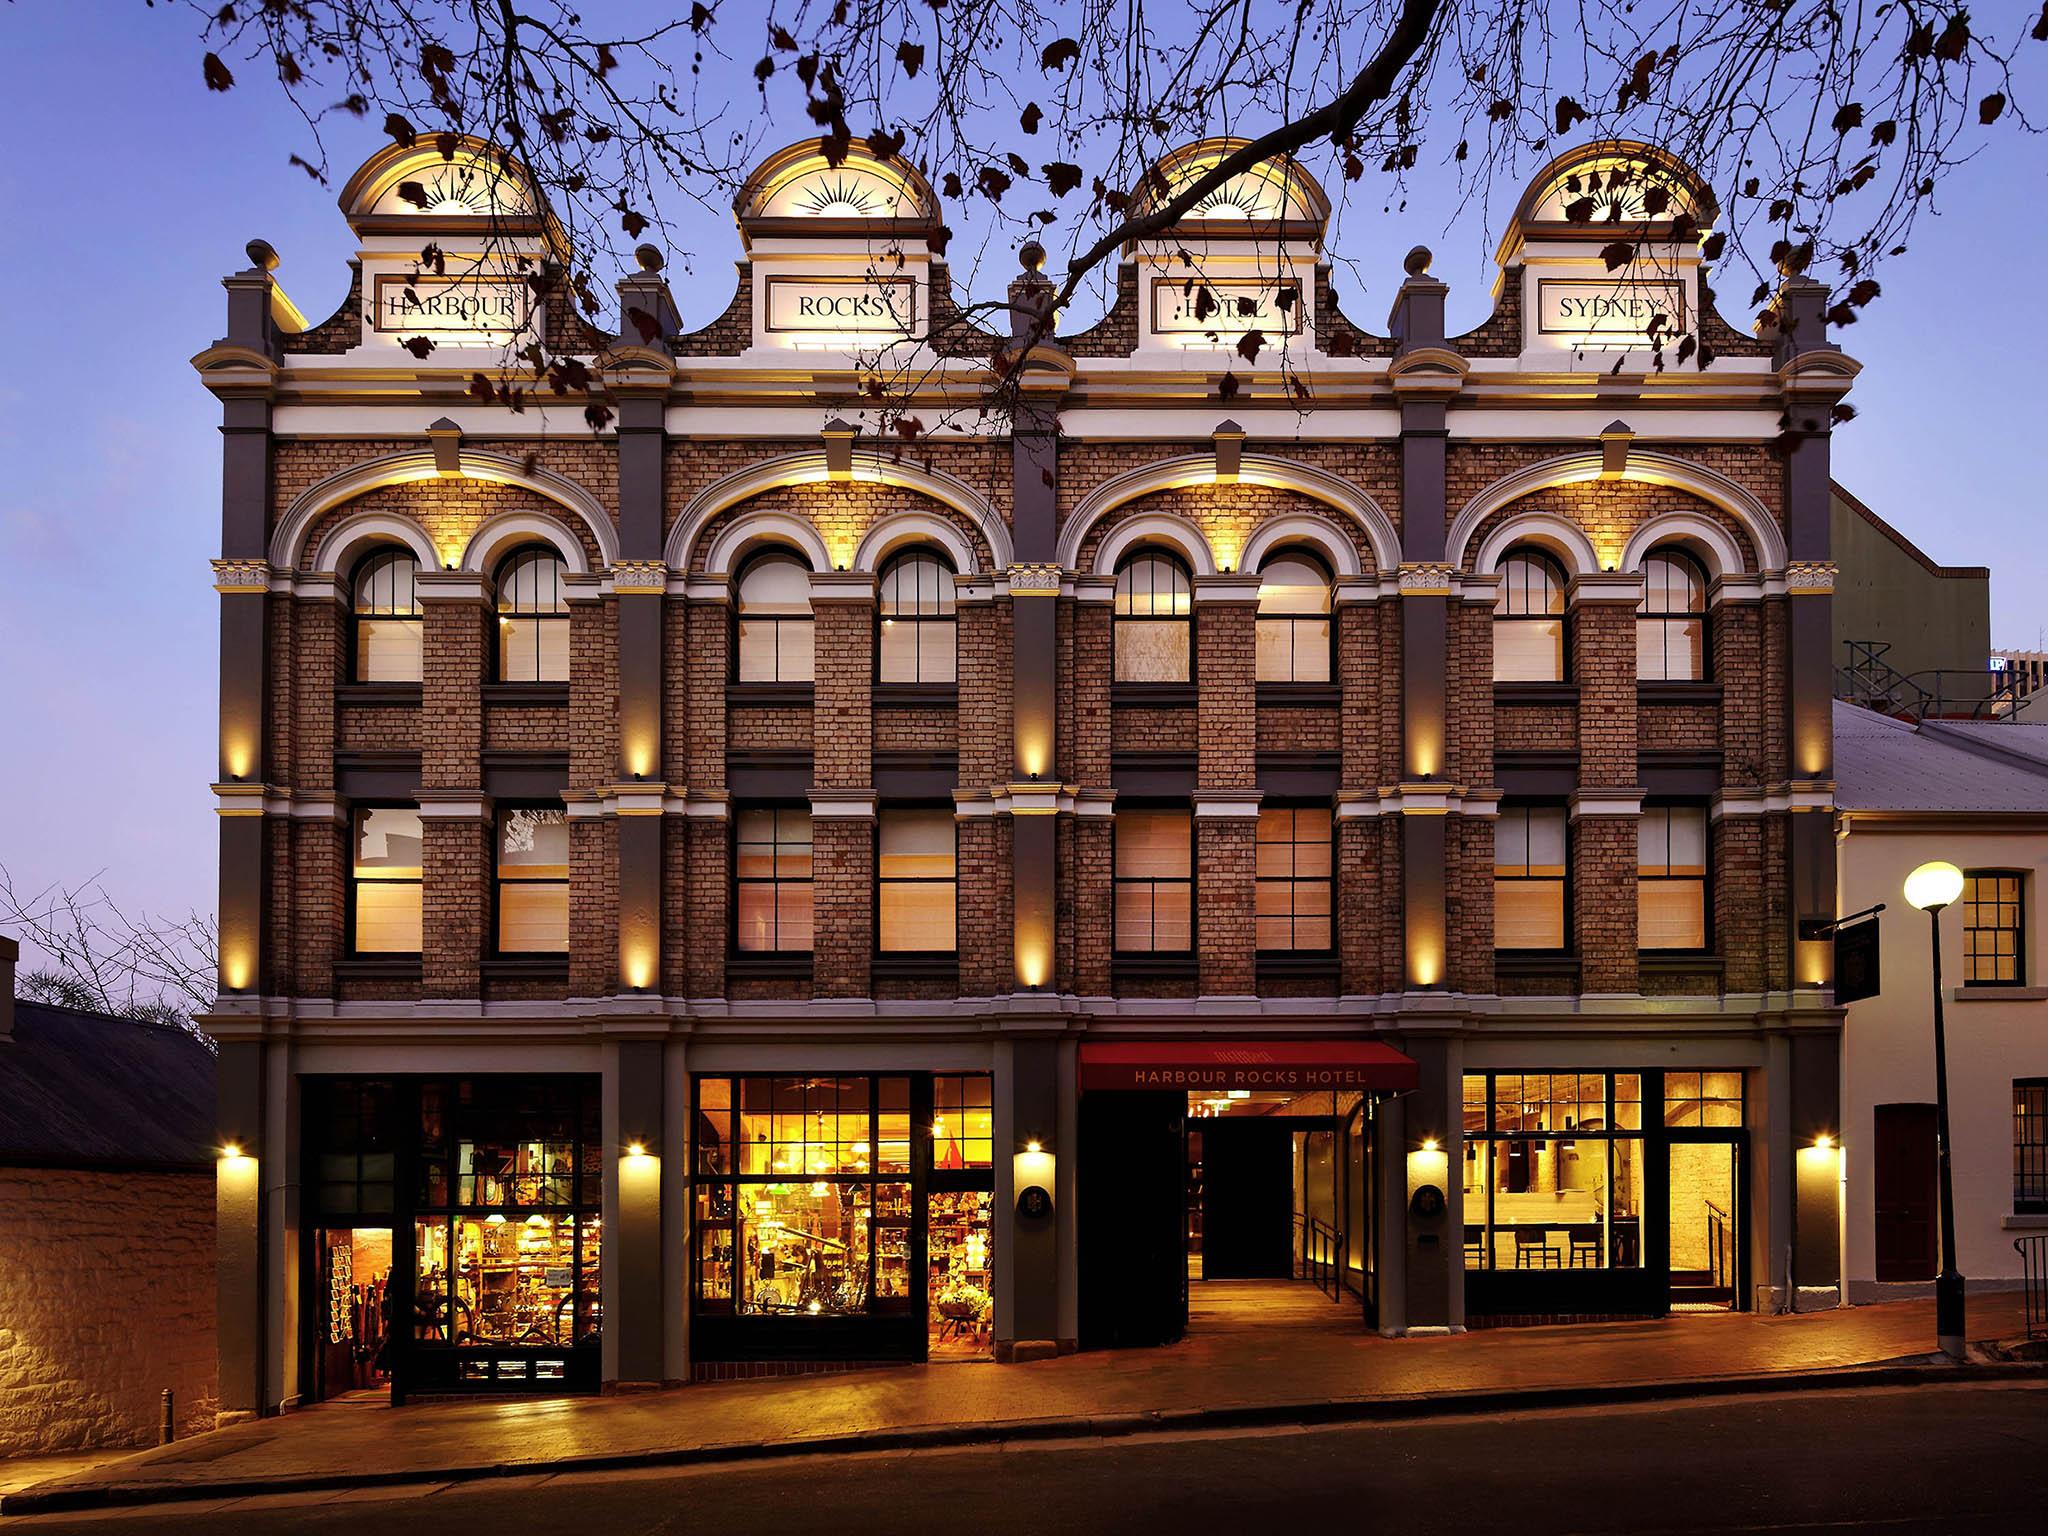 فندق - فندق هاربور روكس سيدني، إم غاليري من سوفيتل